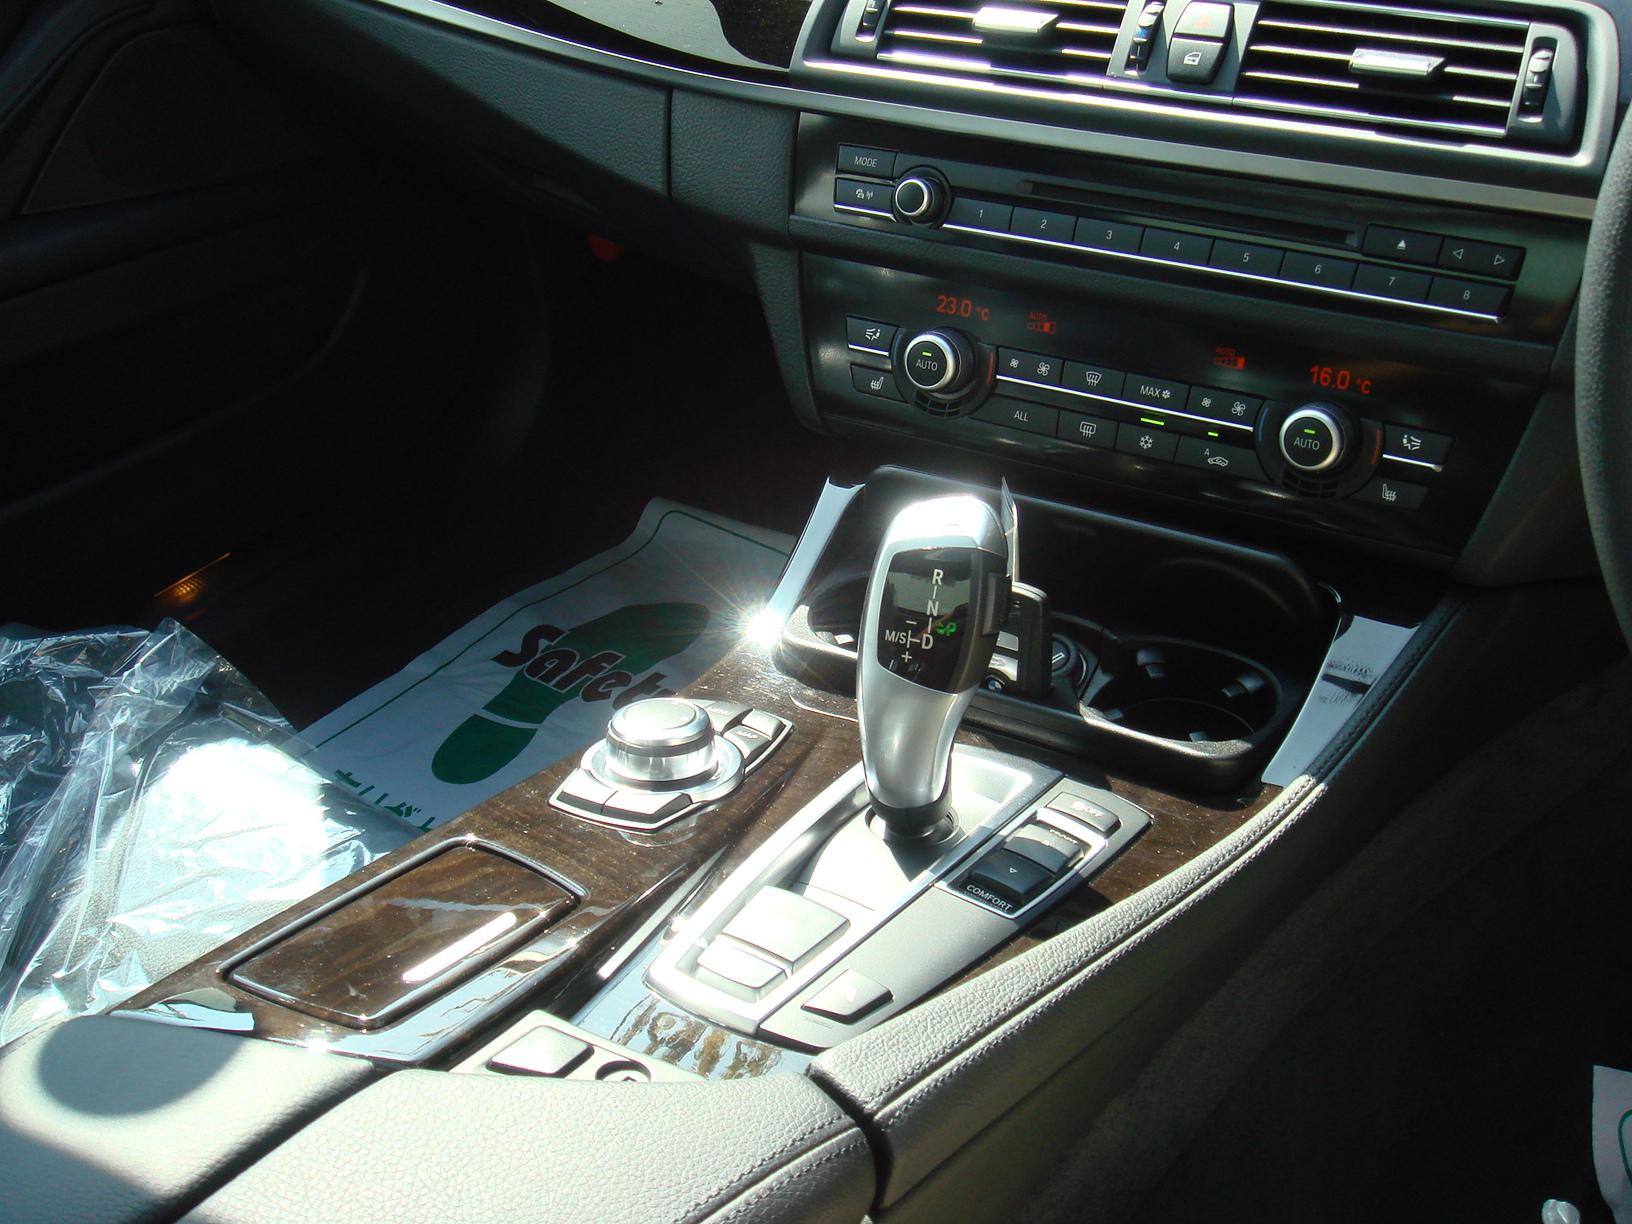 523iツーリング ハイライン MKモータースポーツコンプリート車両画像11